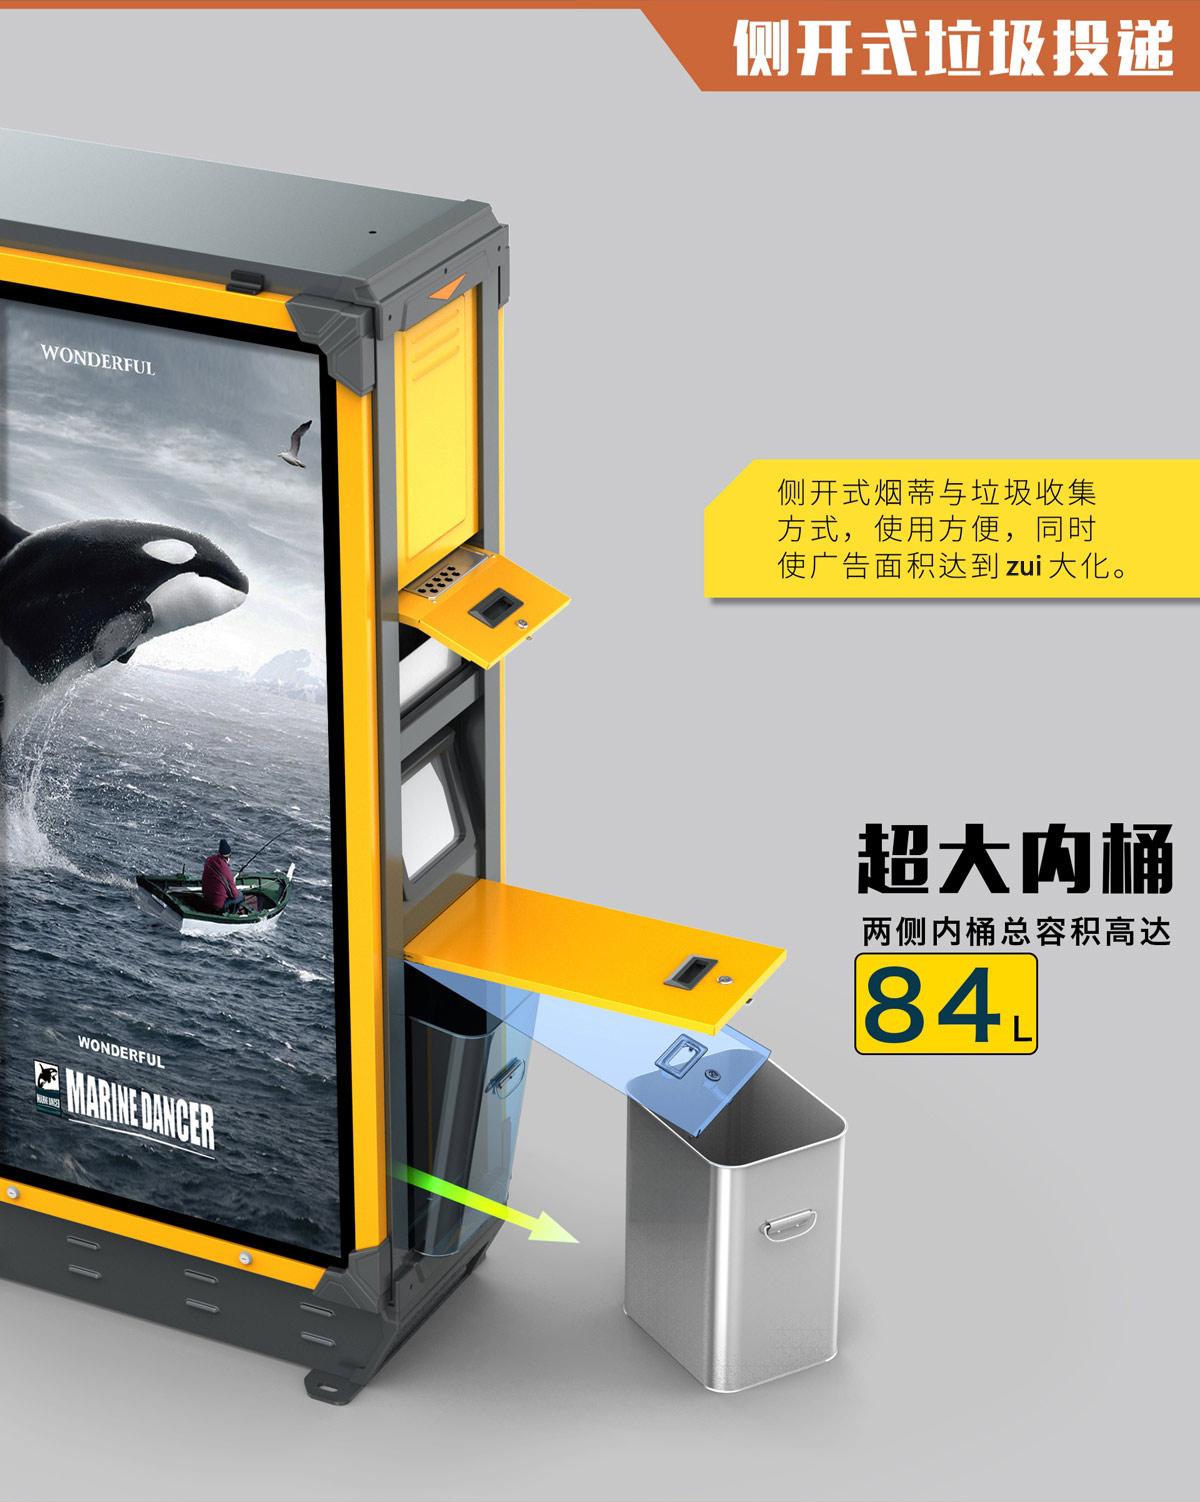 广告垃圾箱设计9.jpg